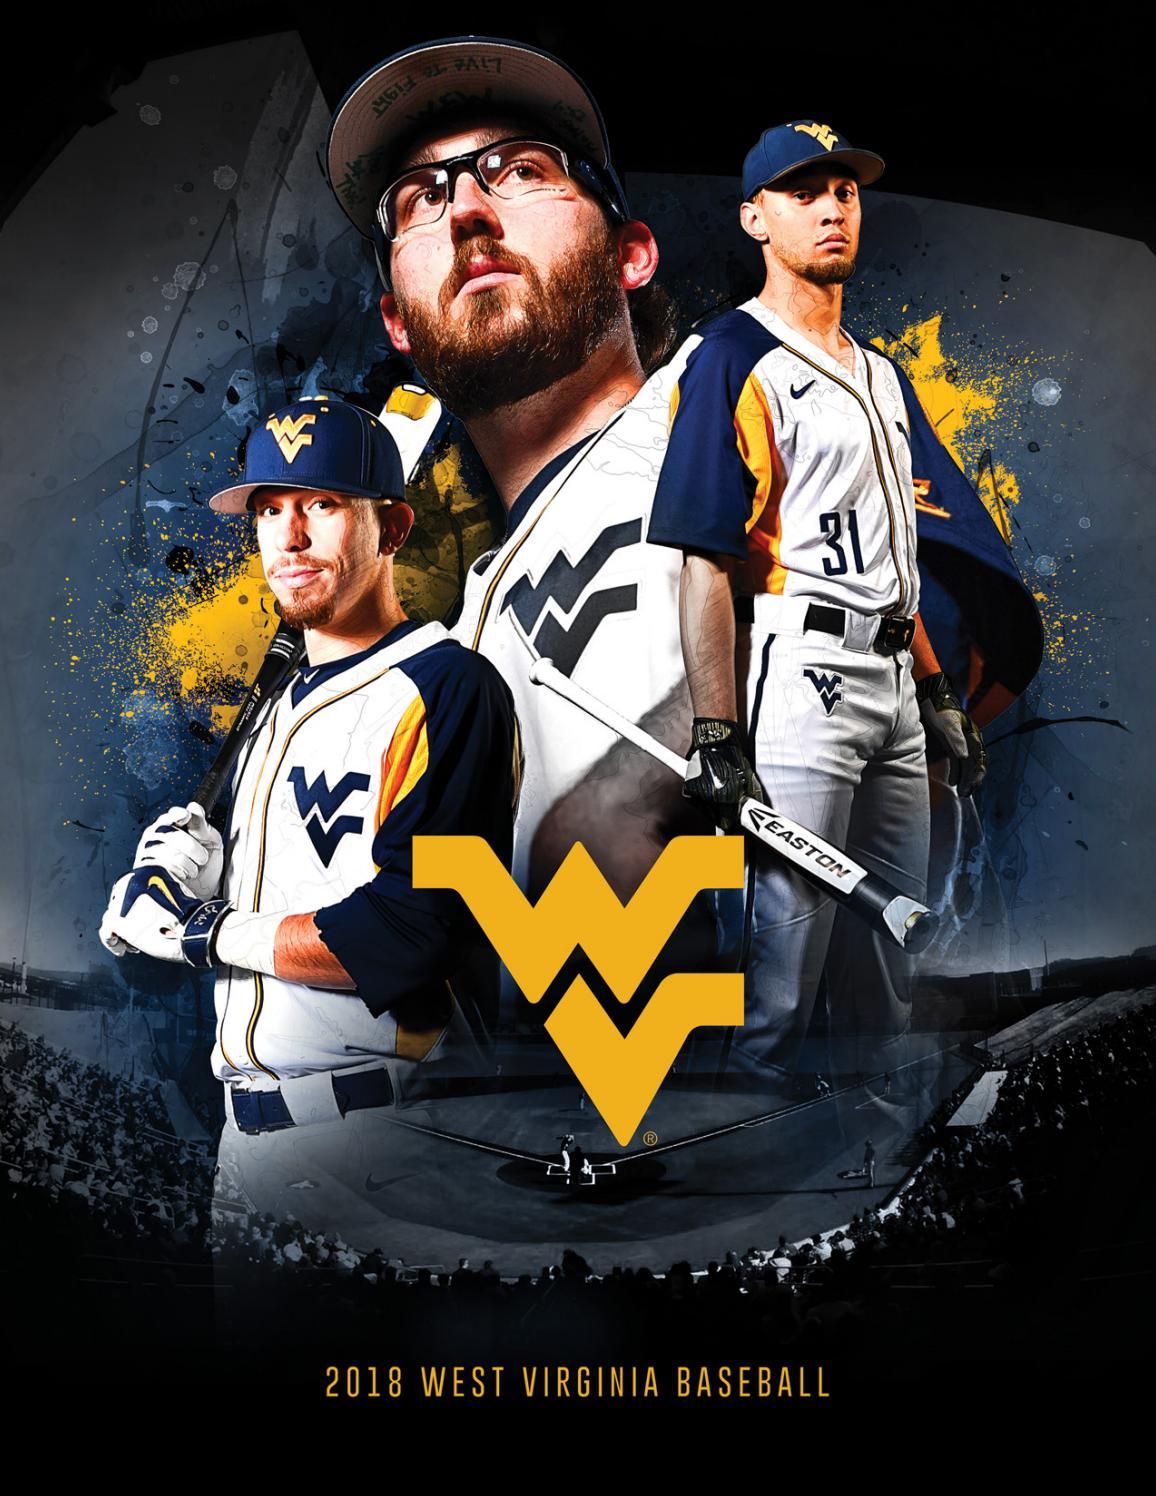 cbe4719a2891 2018 WVU Baseball Guide by Joe Swan - issuu